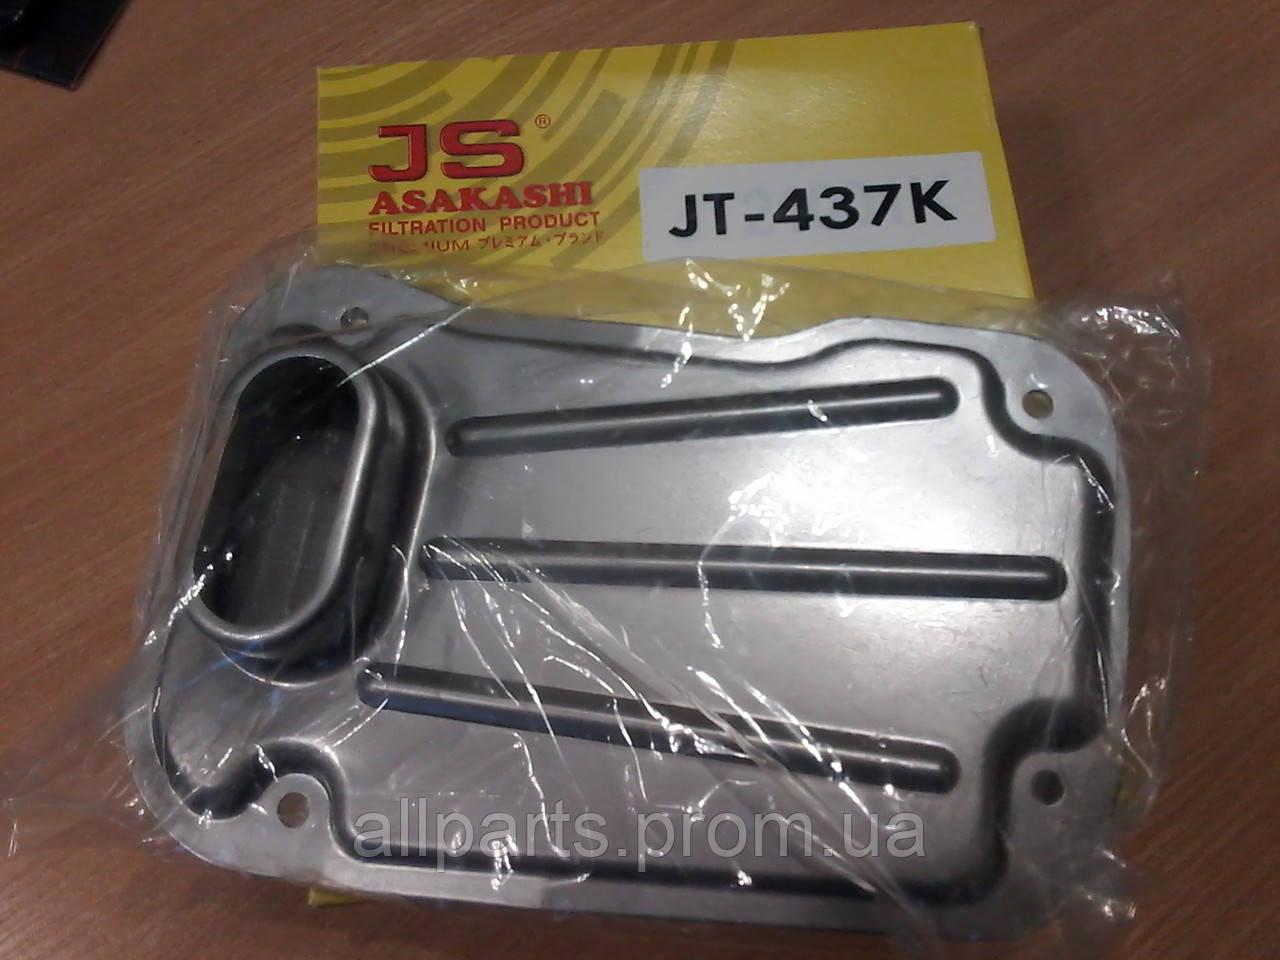 Фильтр АКПП Lexus LX470 (2002-) 5-ти ступенчатая коробка, номер 35330-60050